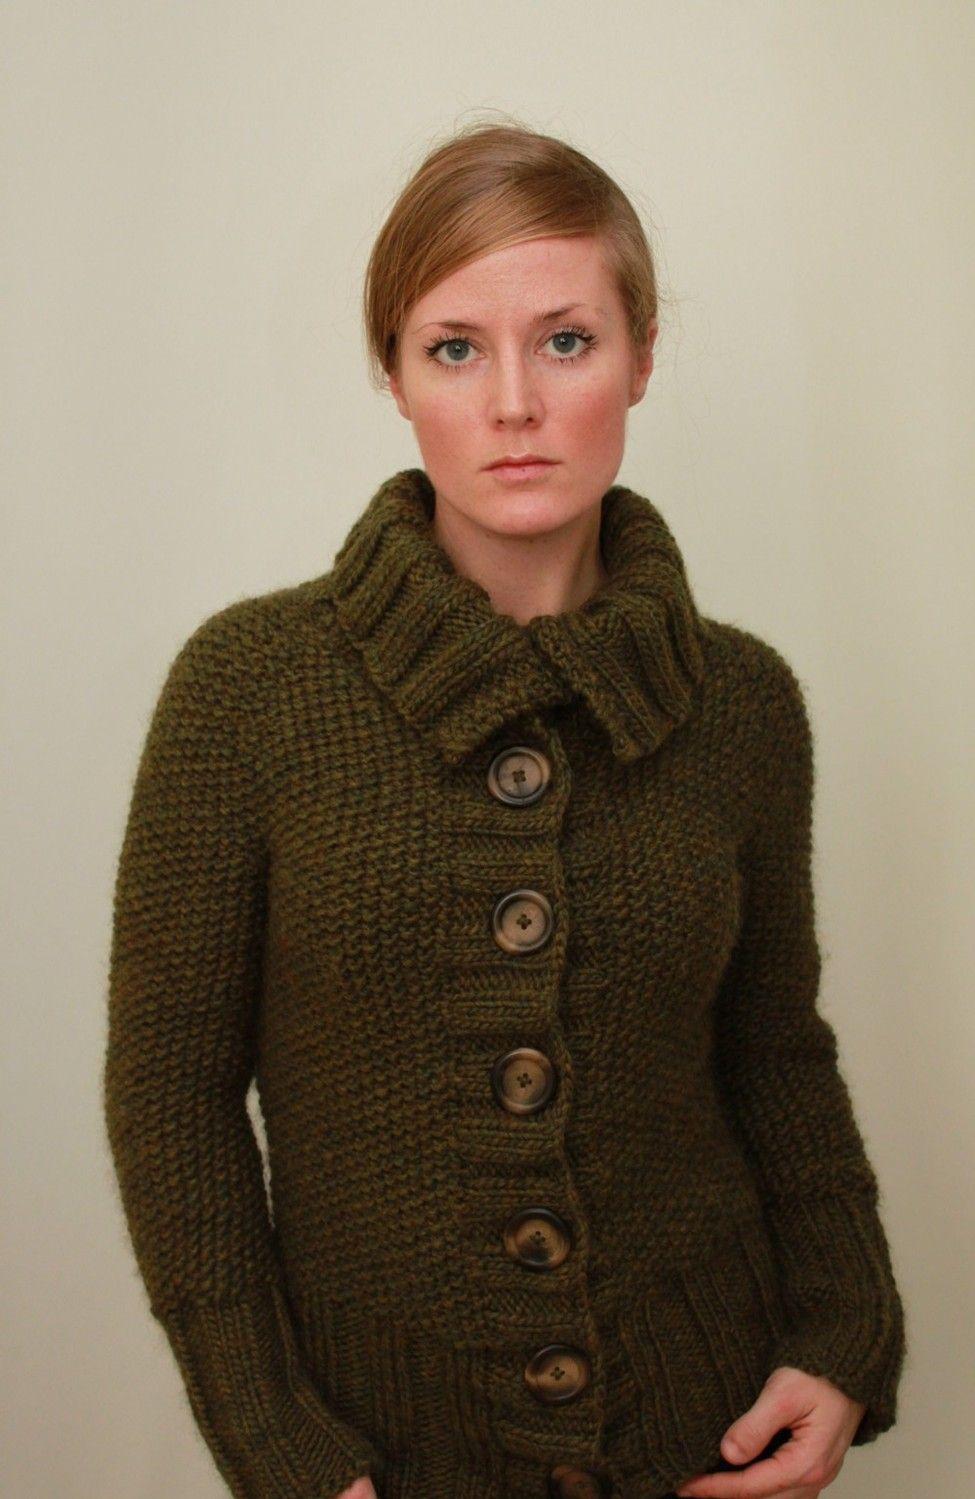 Sedum Cardigan Top Down Seed Stitch Sweater Knitting Pattern PDF ...